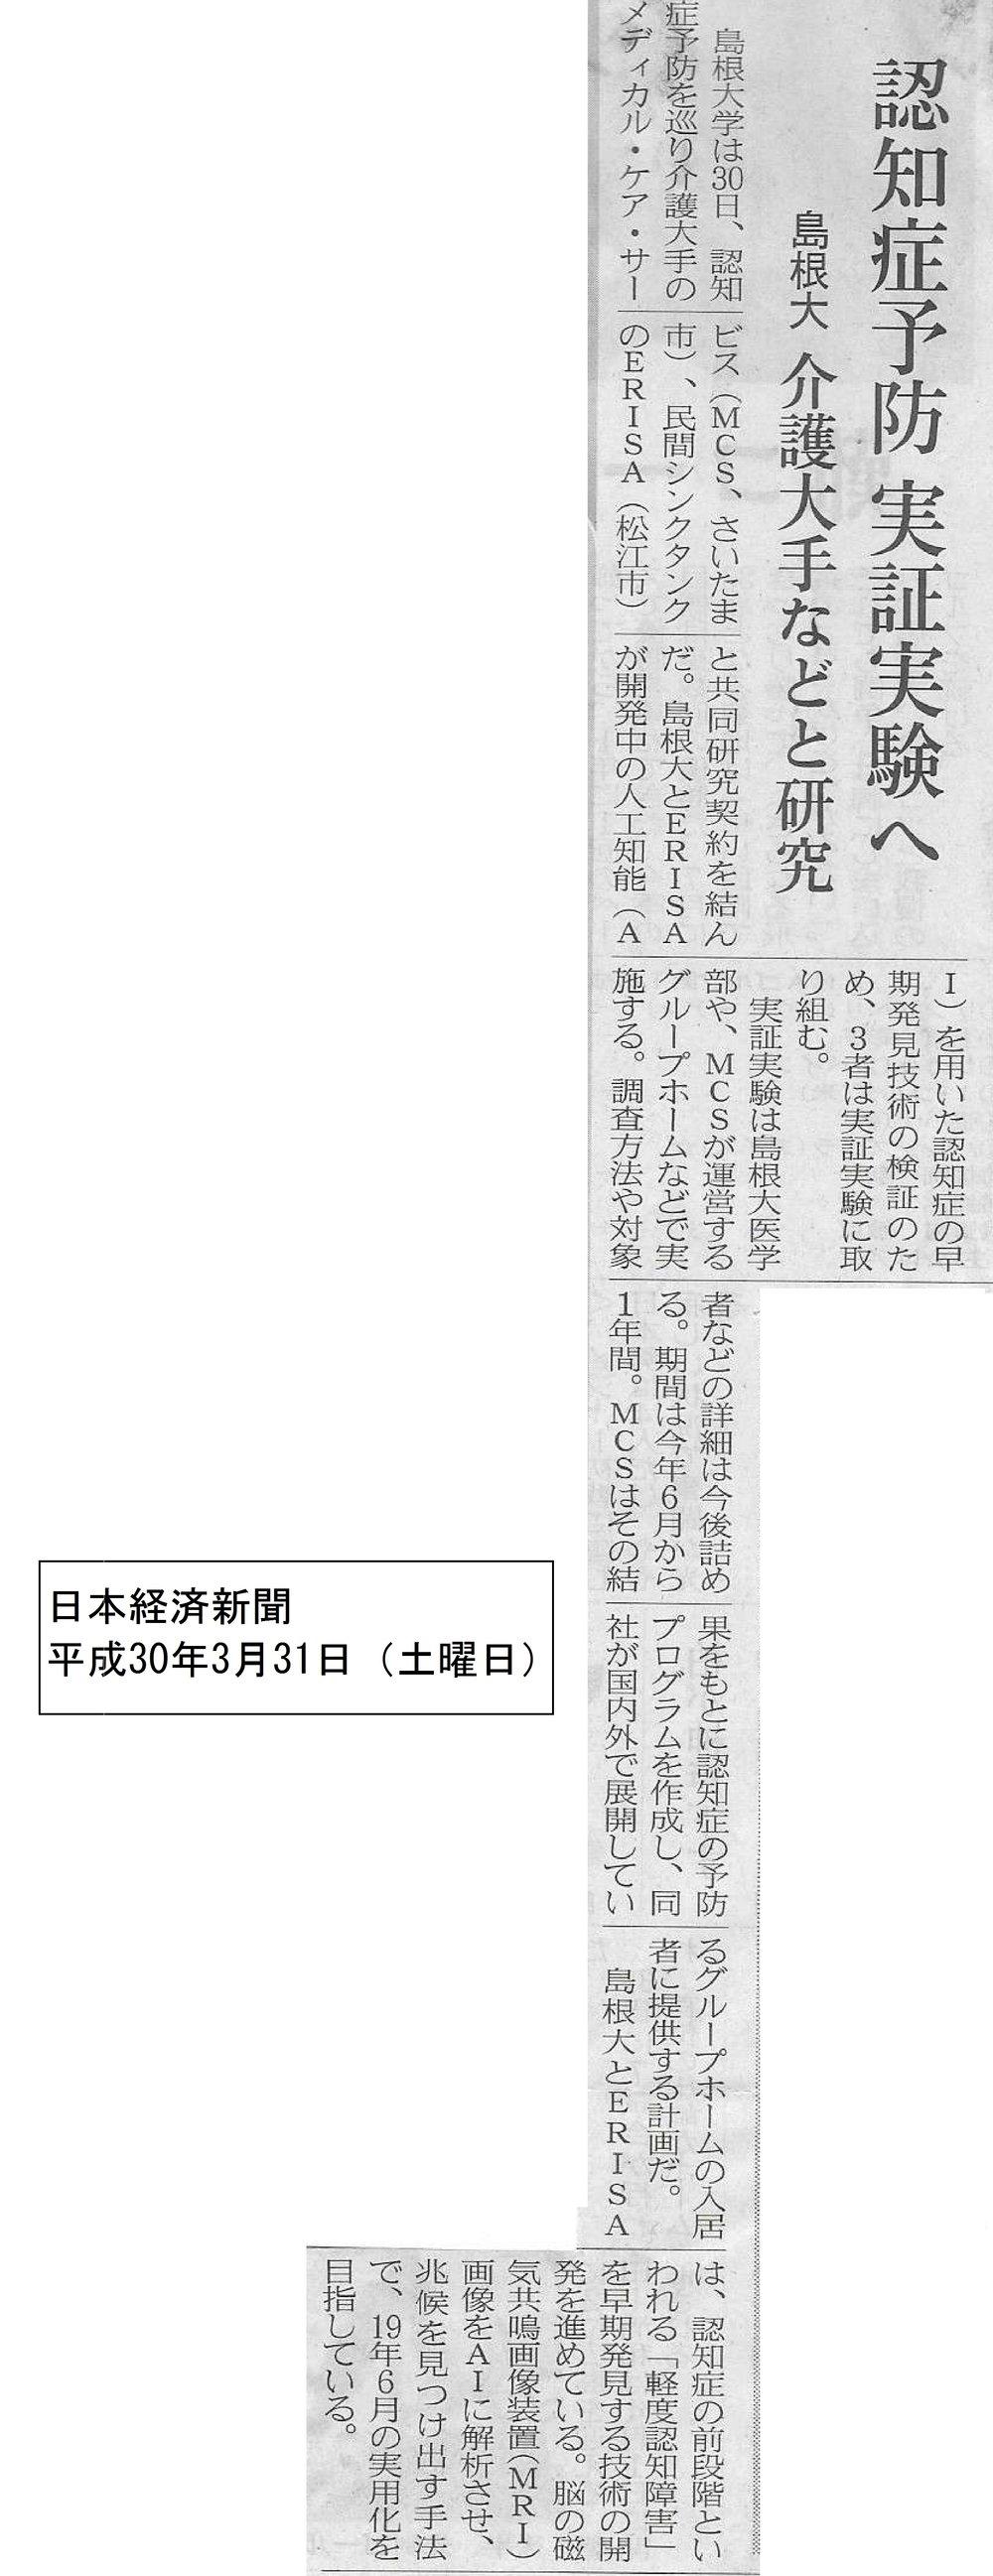 【掲載】日本経済新聞.jpg